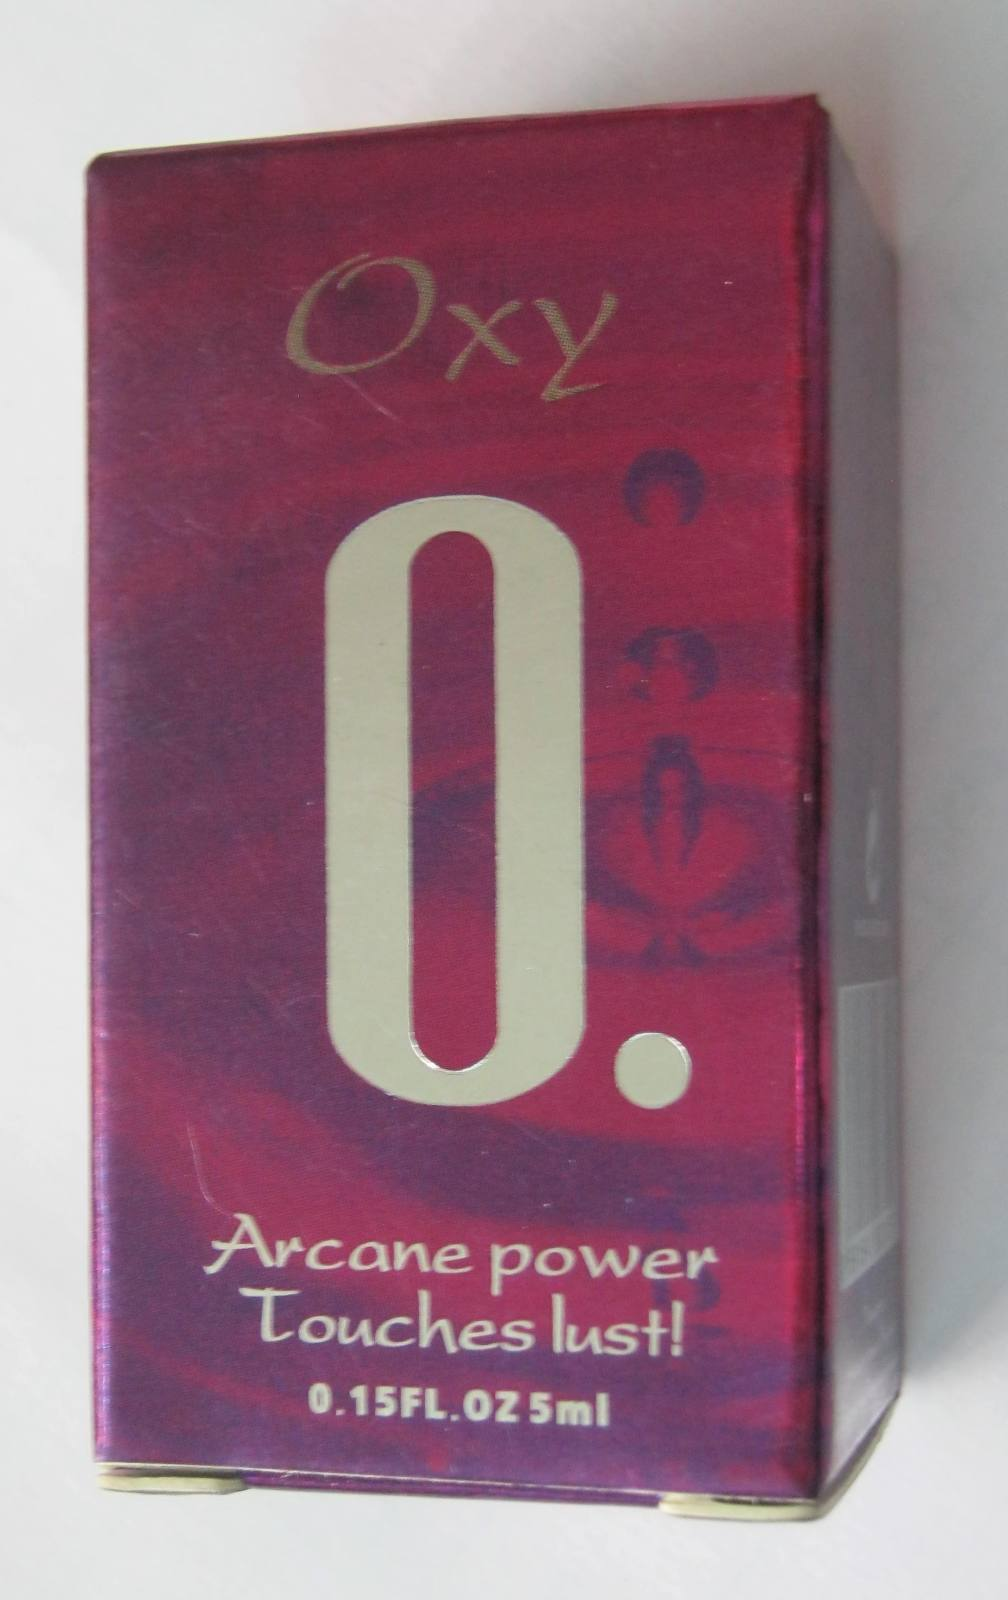 Oxy (O) 5ml